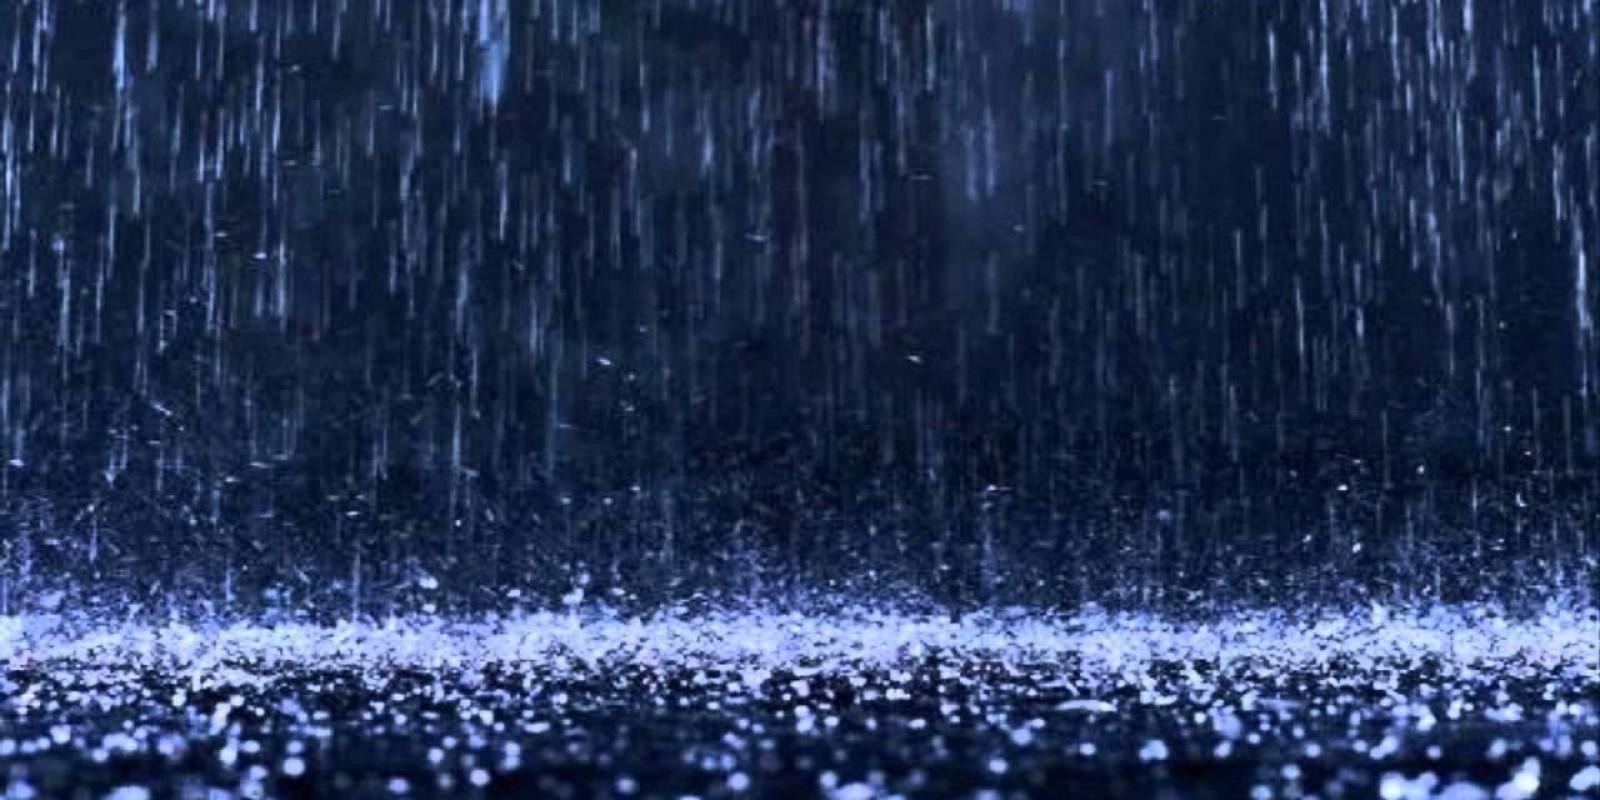 Ausências no trabalho por causa das fortes chuvas podem ser abonadas